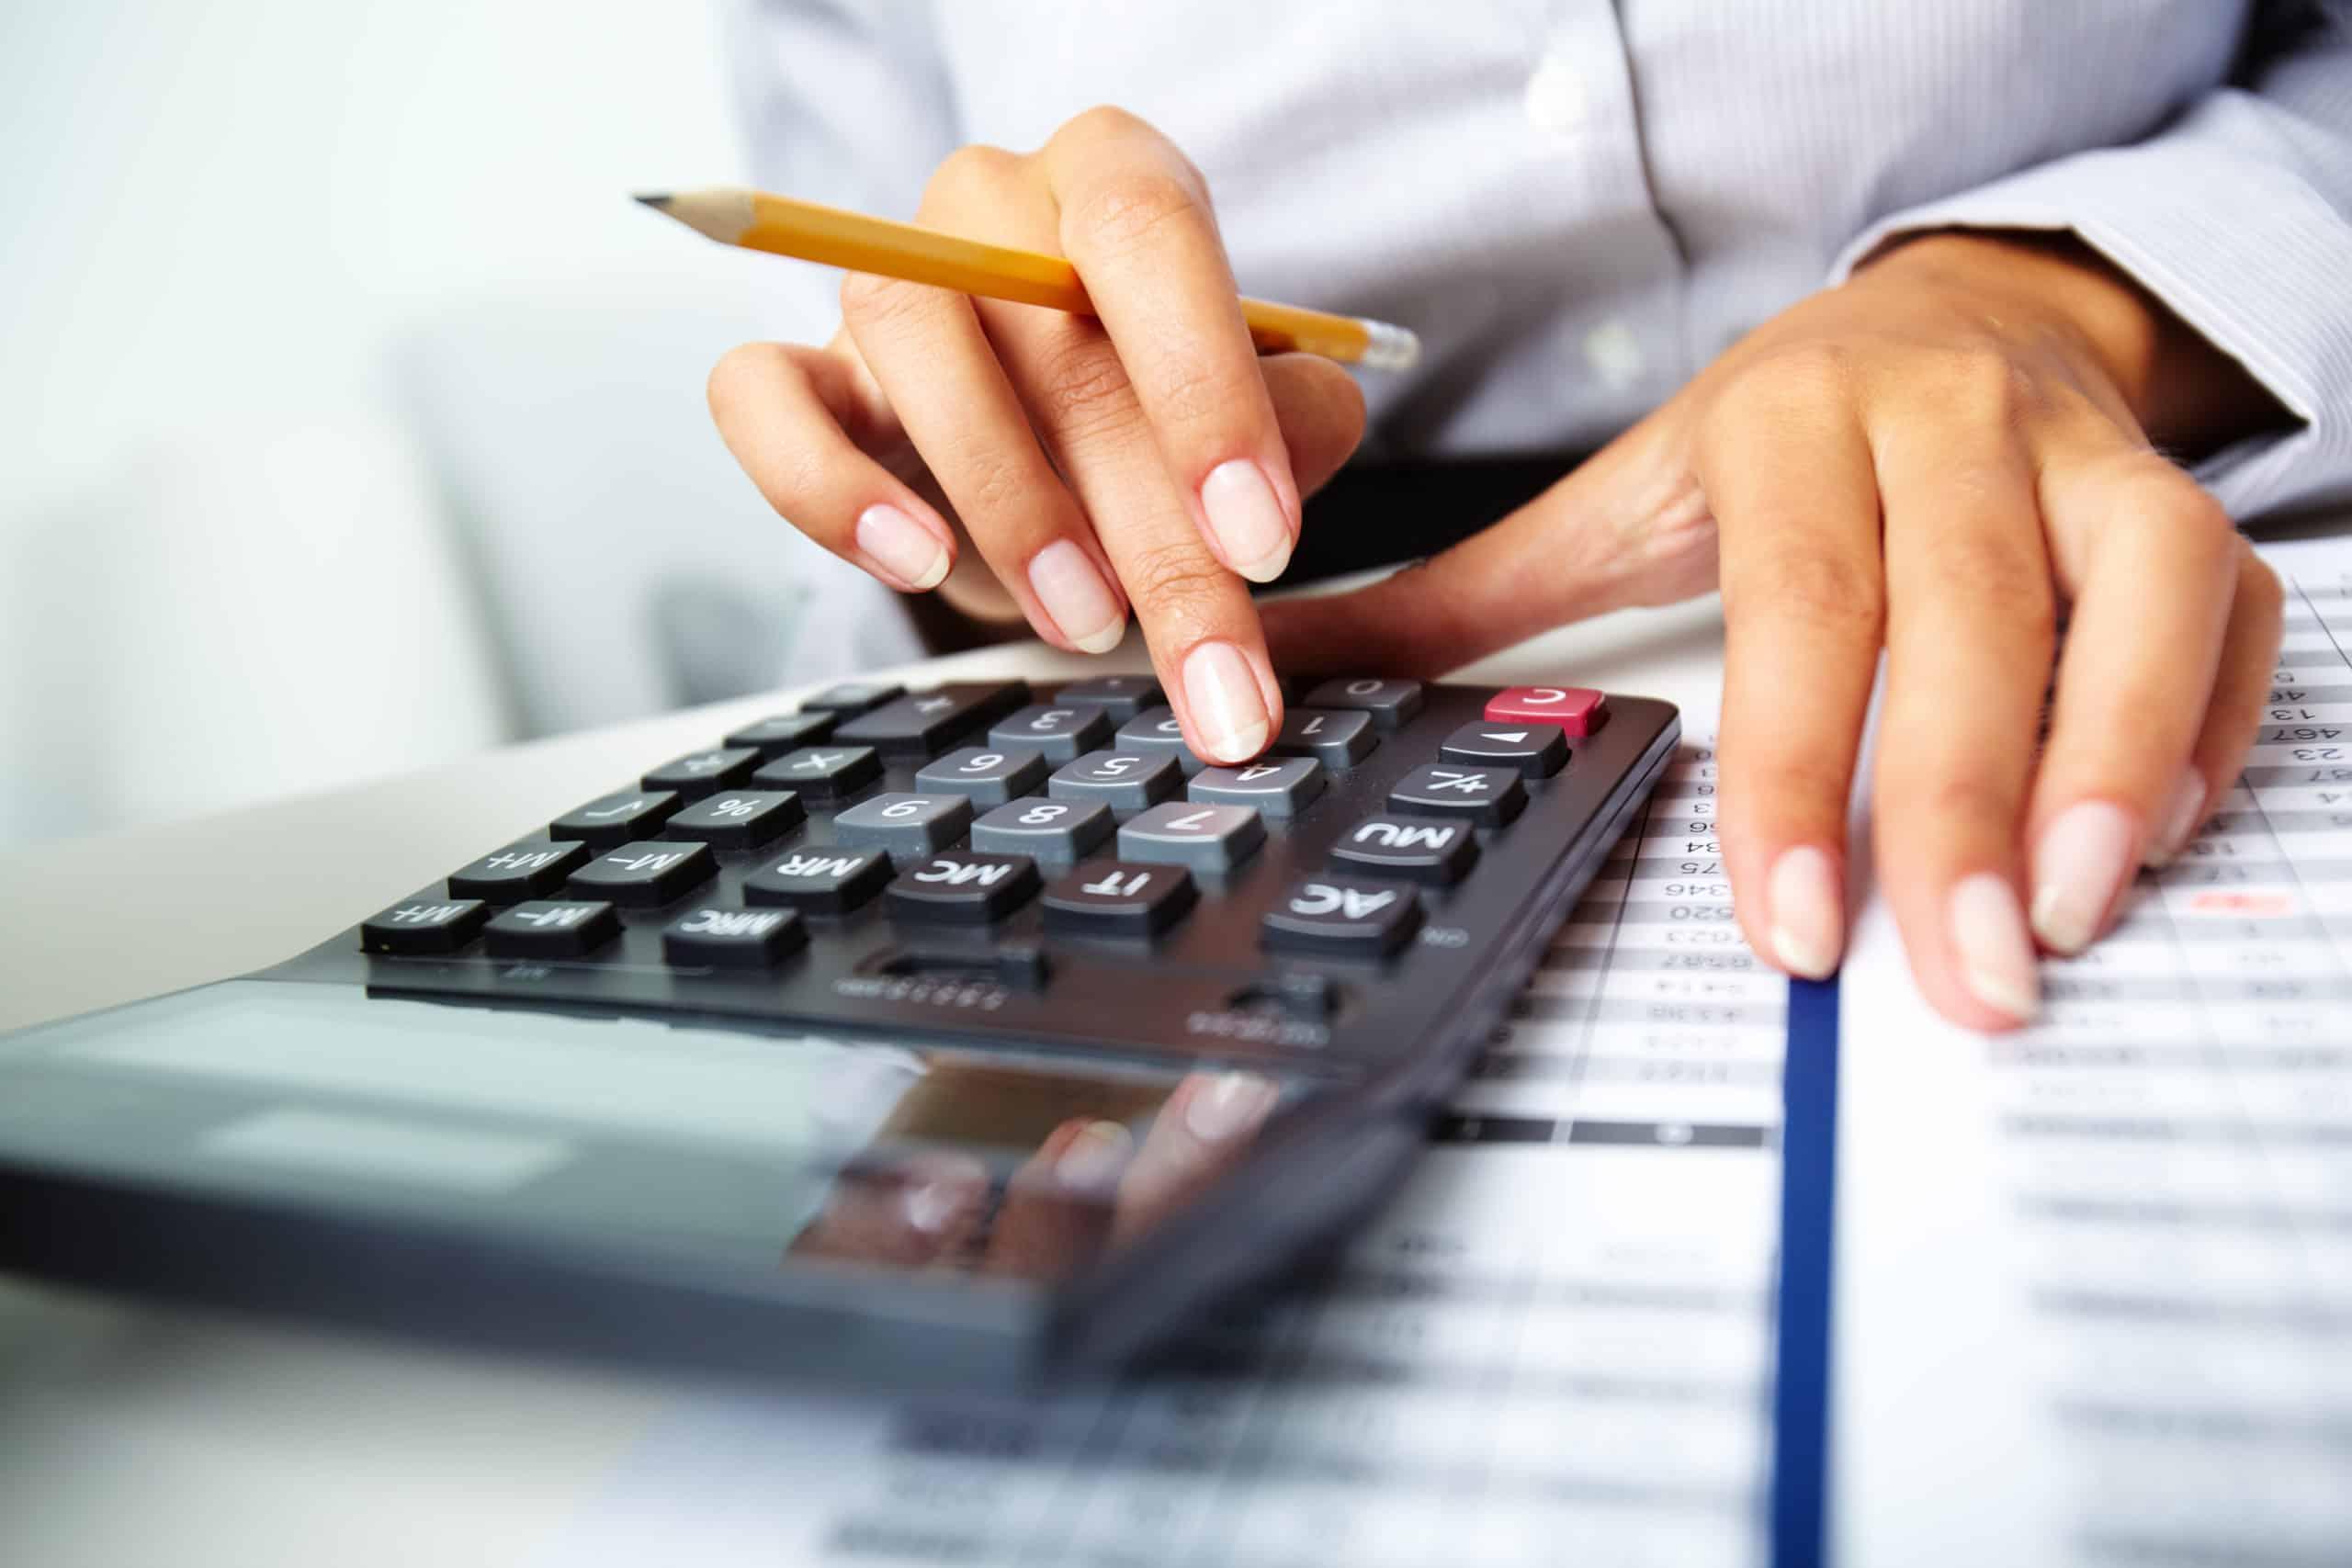 calcul capacité d'emprunt immobilier